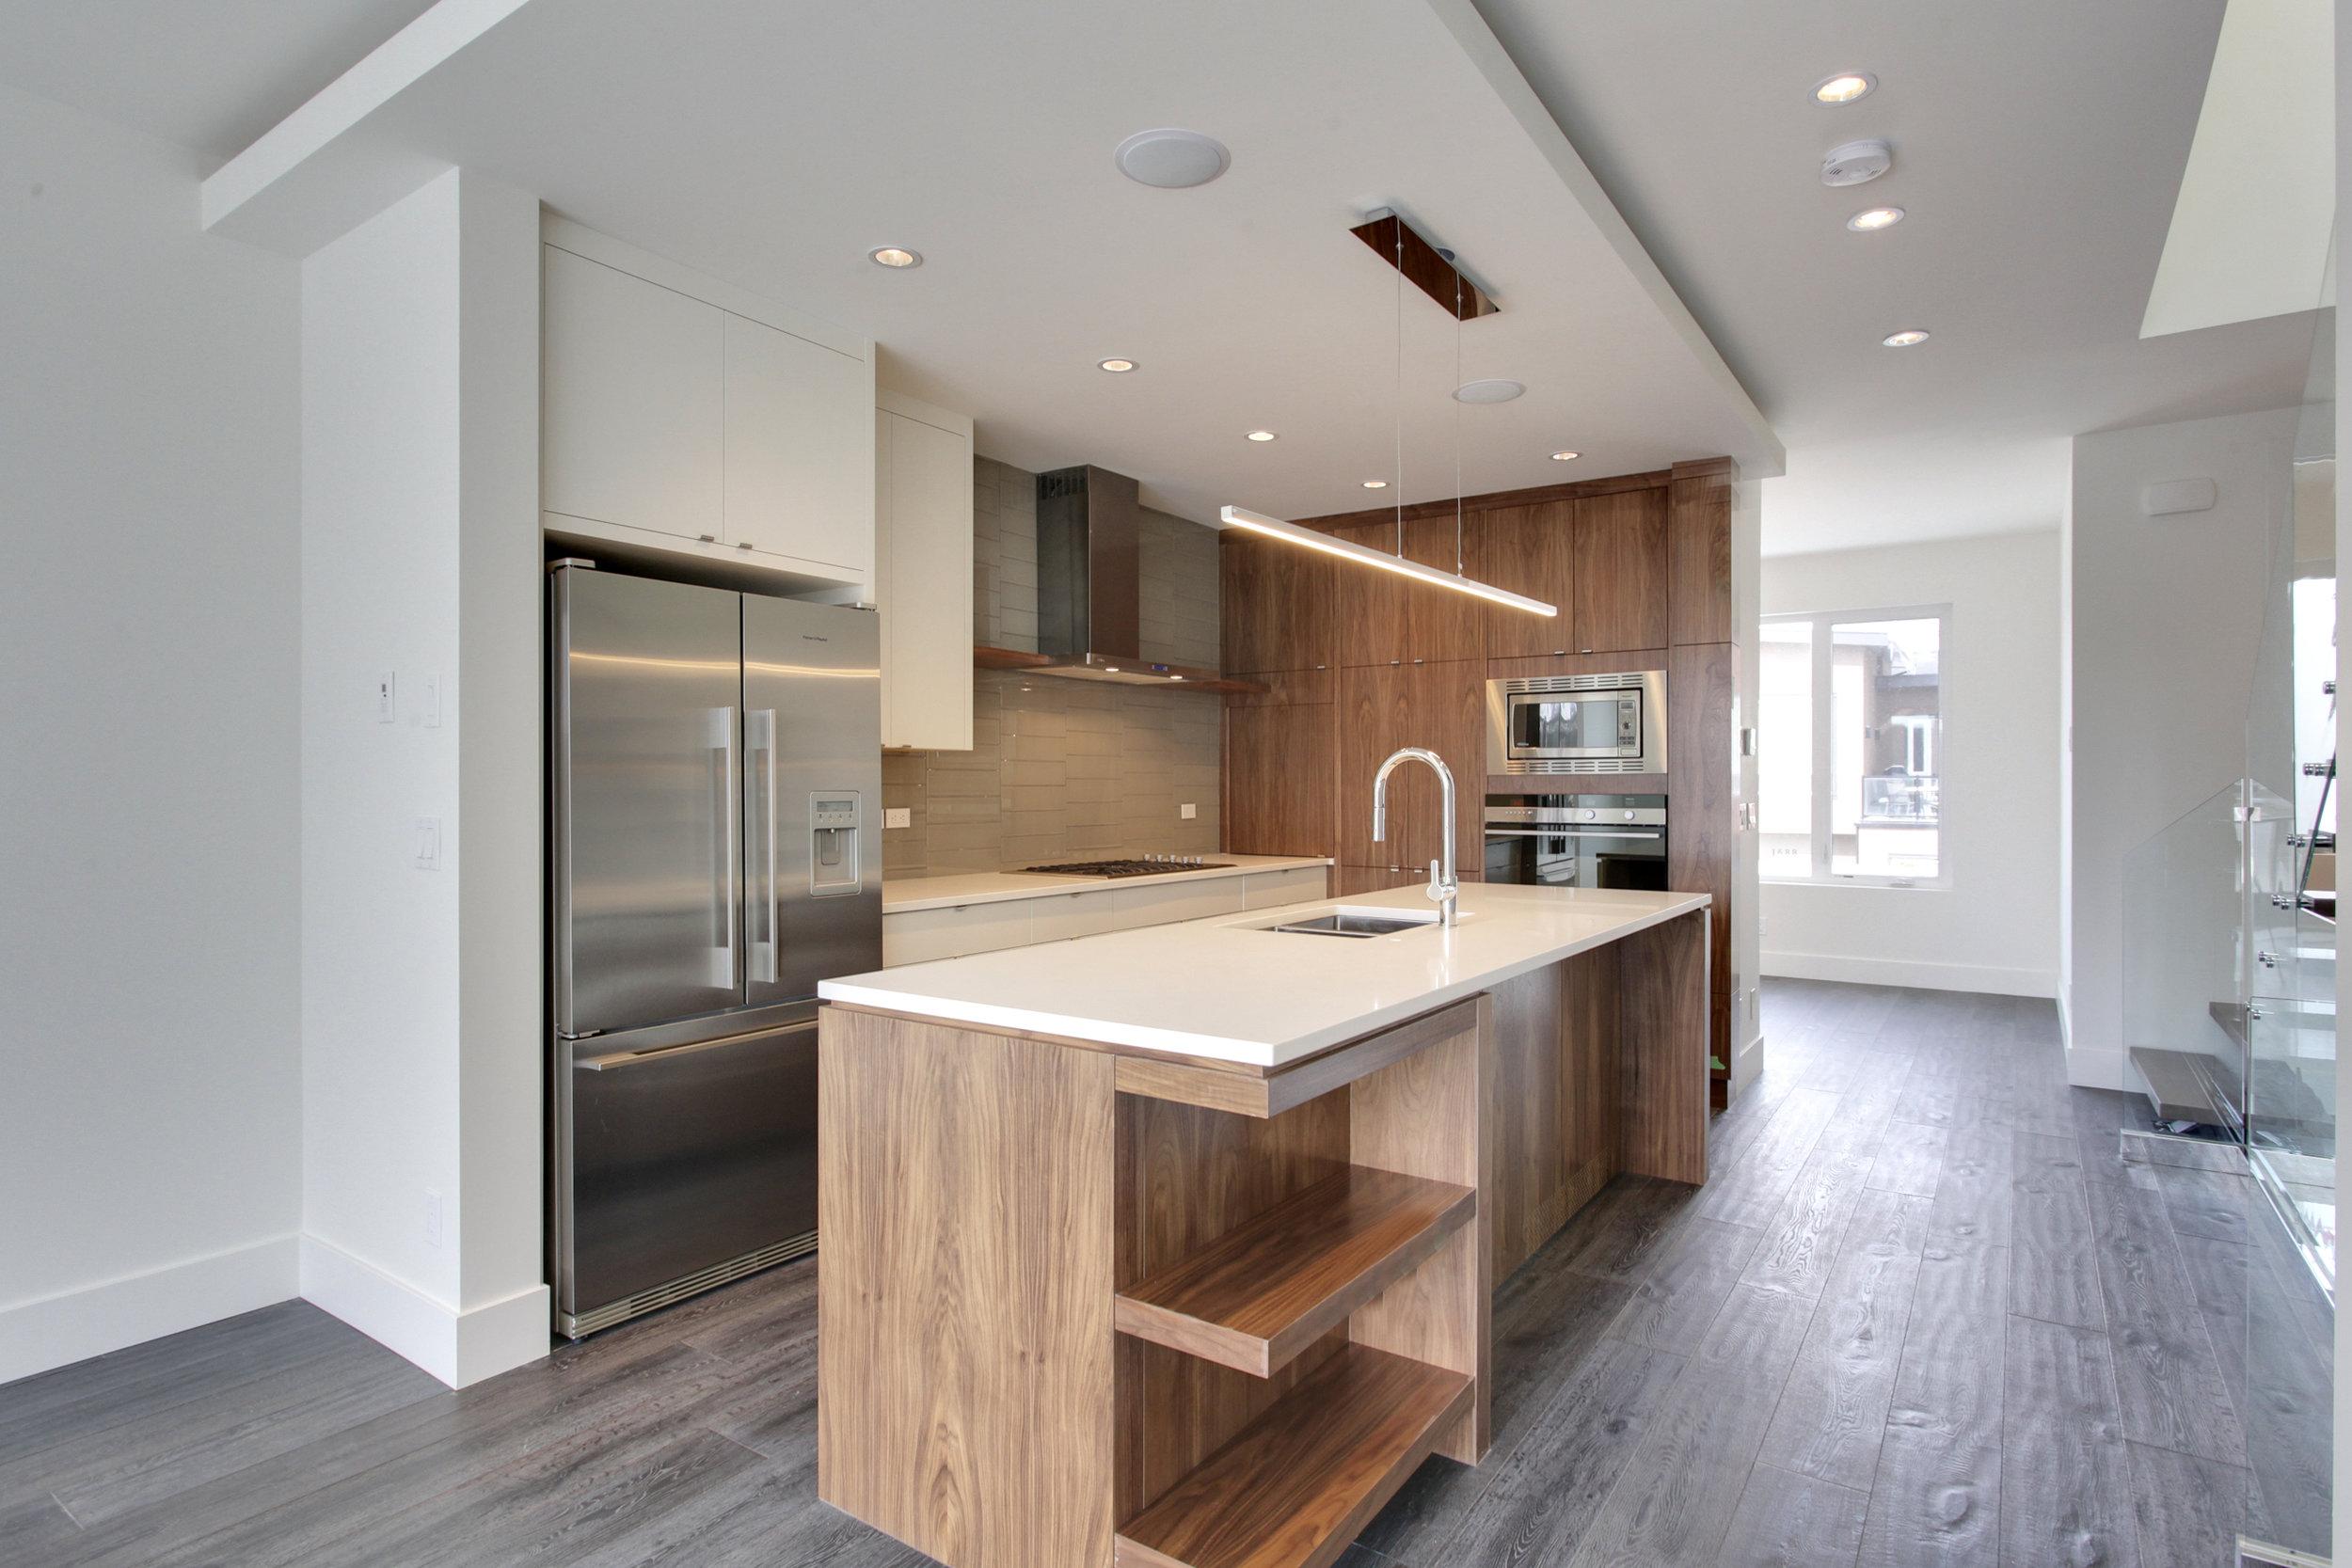 Parcside - Interior Kitchen